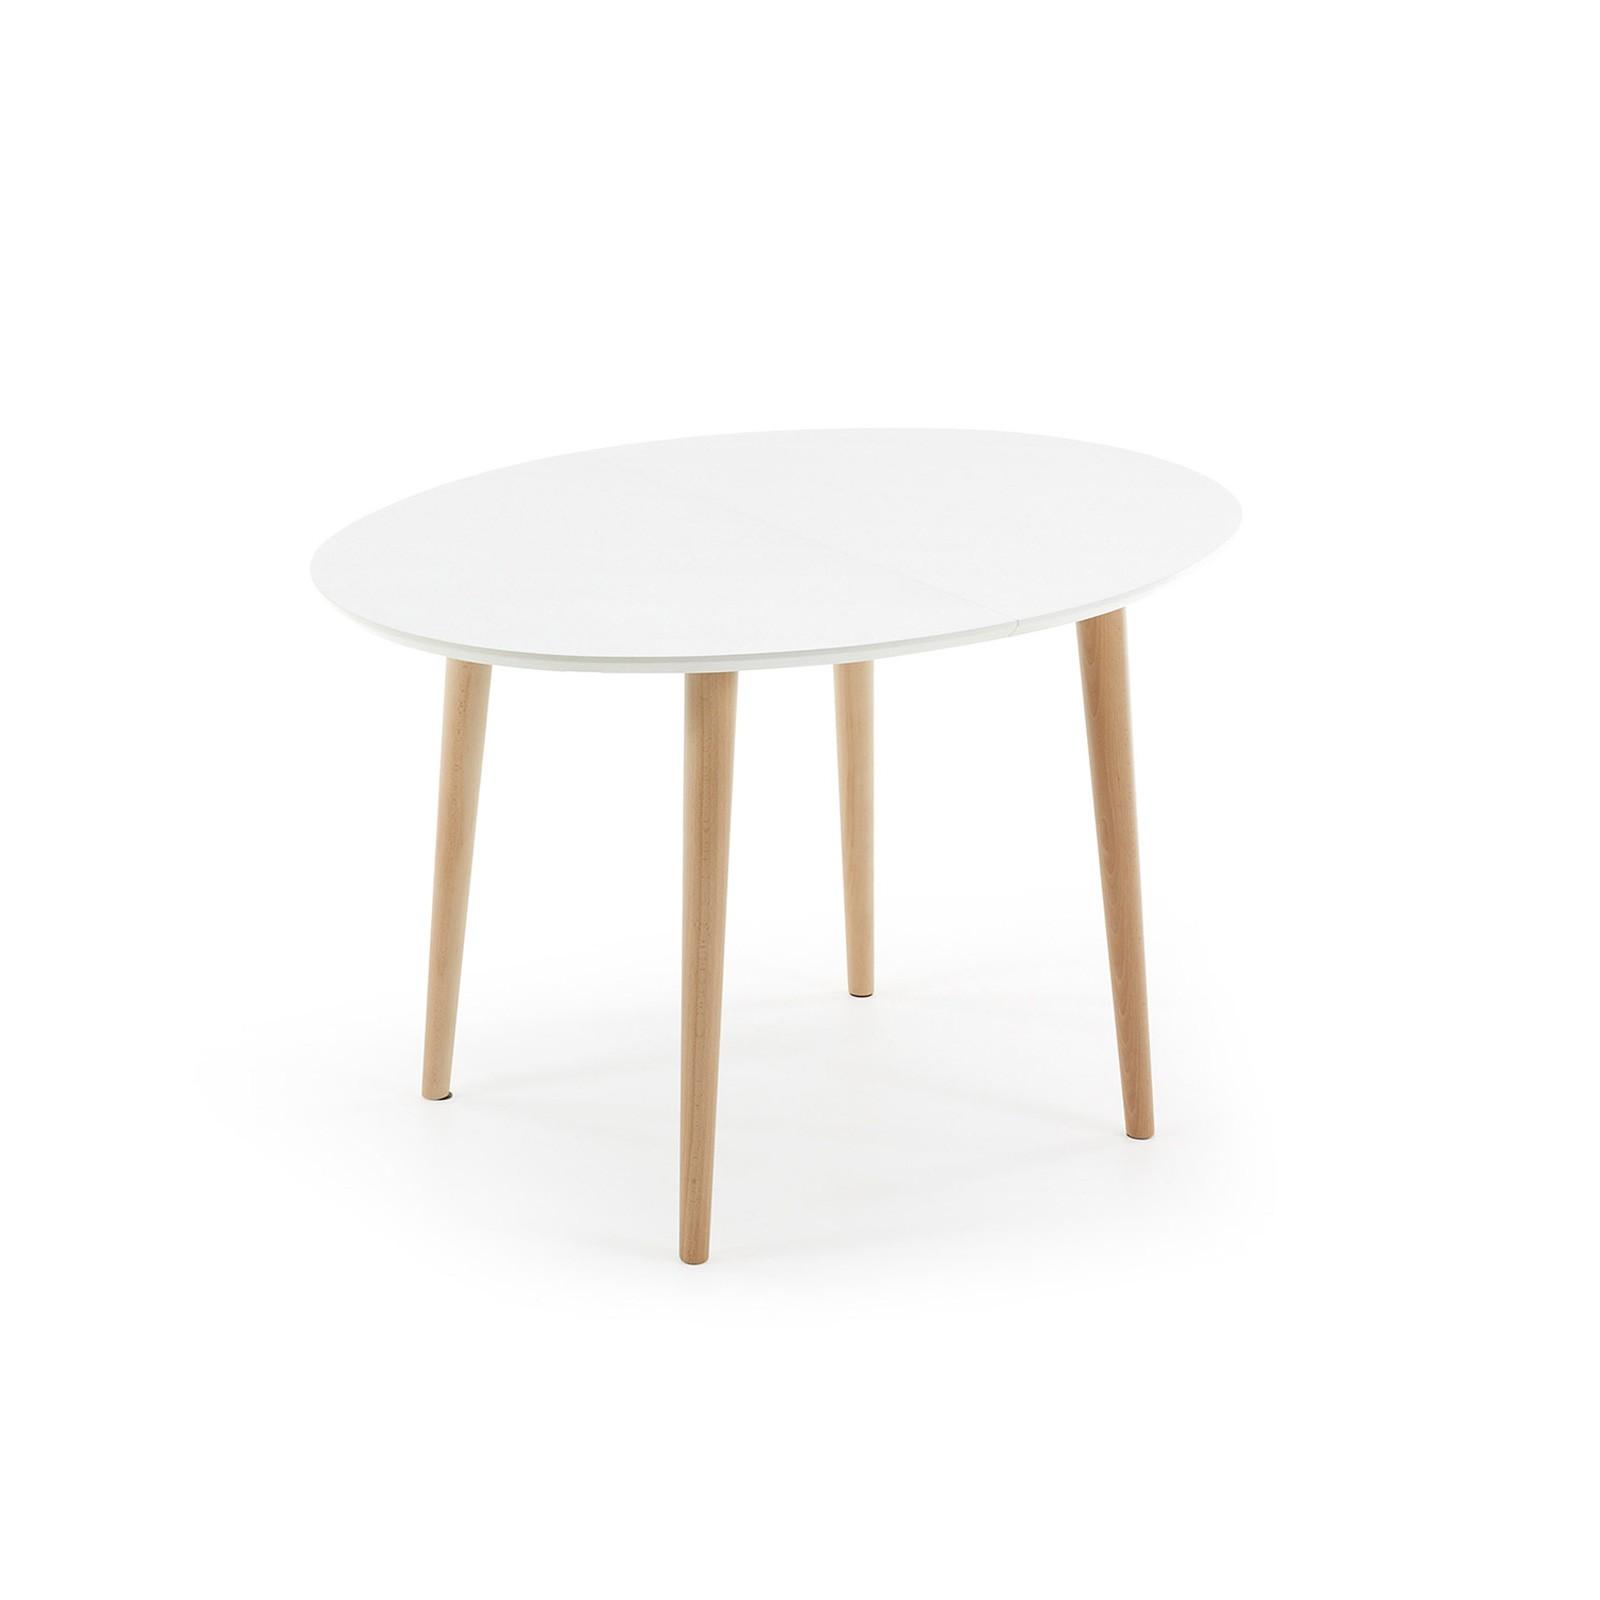 Tavoli Ovali Allungabili In Vetro.Tavolo Ovale Allungabile Vetro Anassimene Tavolo Di Design In Legno